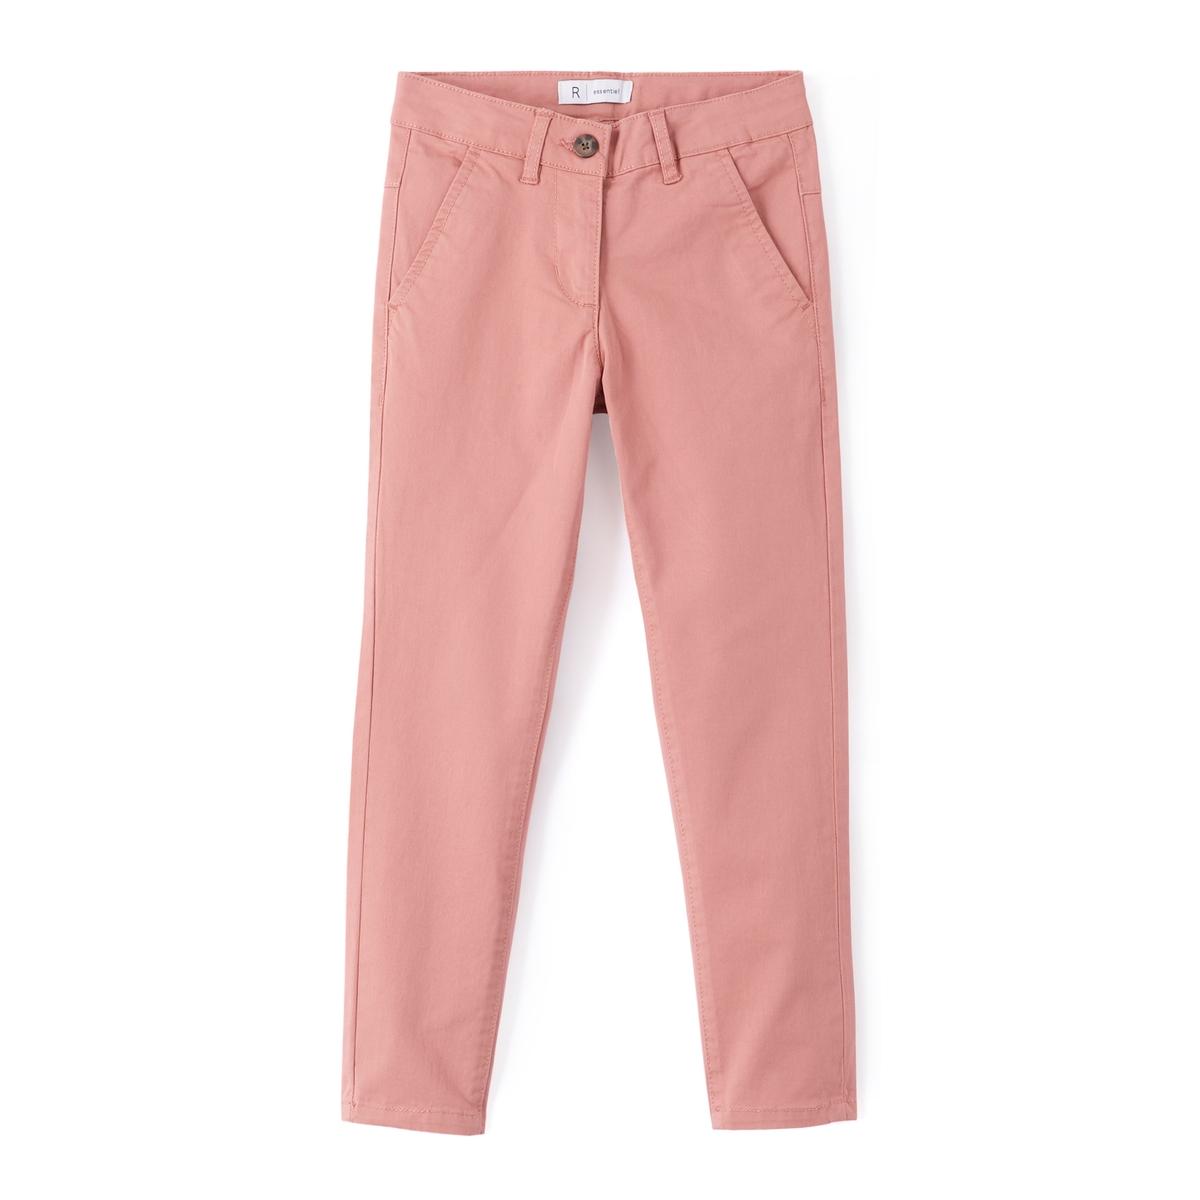 Pantaloni chino 3 - 12 anni